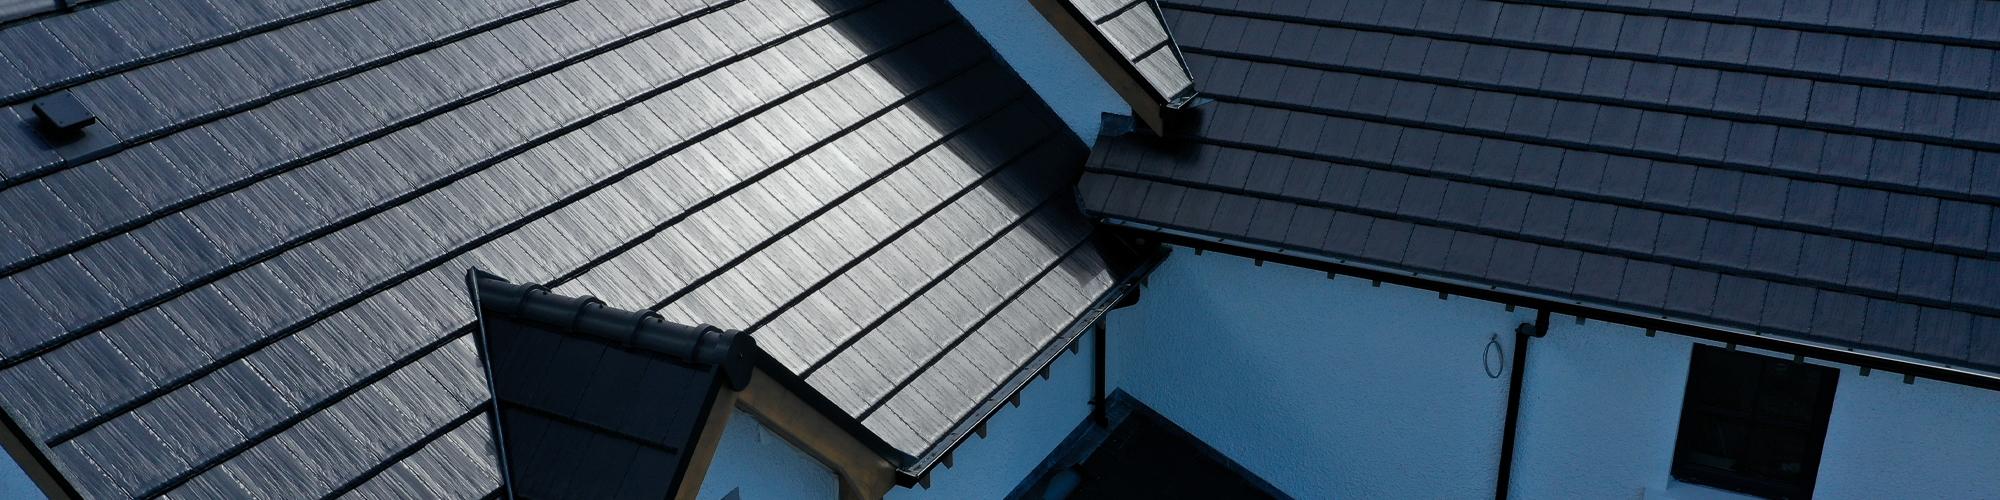 snowdon roofing tiles, clay tiles, lbs boen